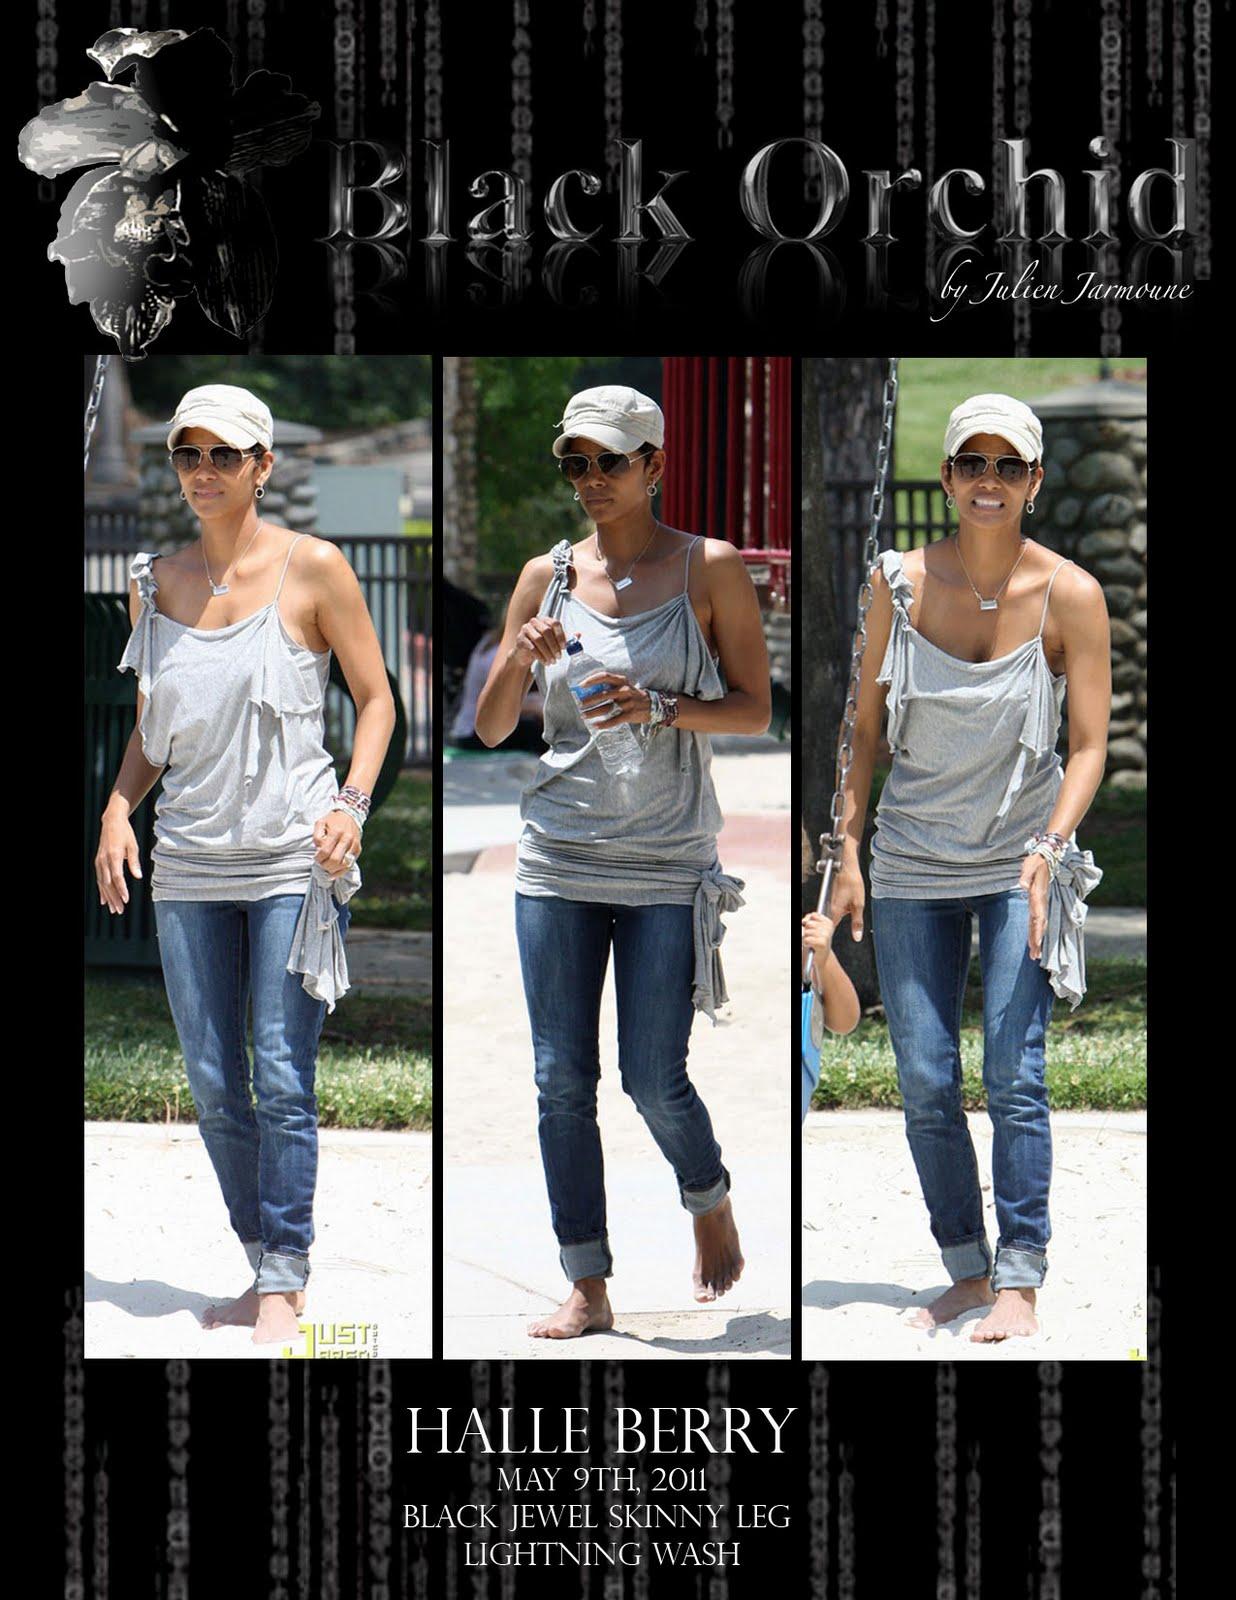 http://4.bp.blogspot.com/-mH-4Wj8PXeI/Tez15syMbzI/AAAAAAAAAm0/E-bUBAKabSA/s1600/5_9_11+Halle+Berry+2.jpg